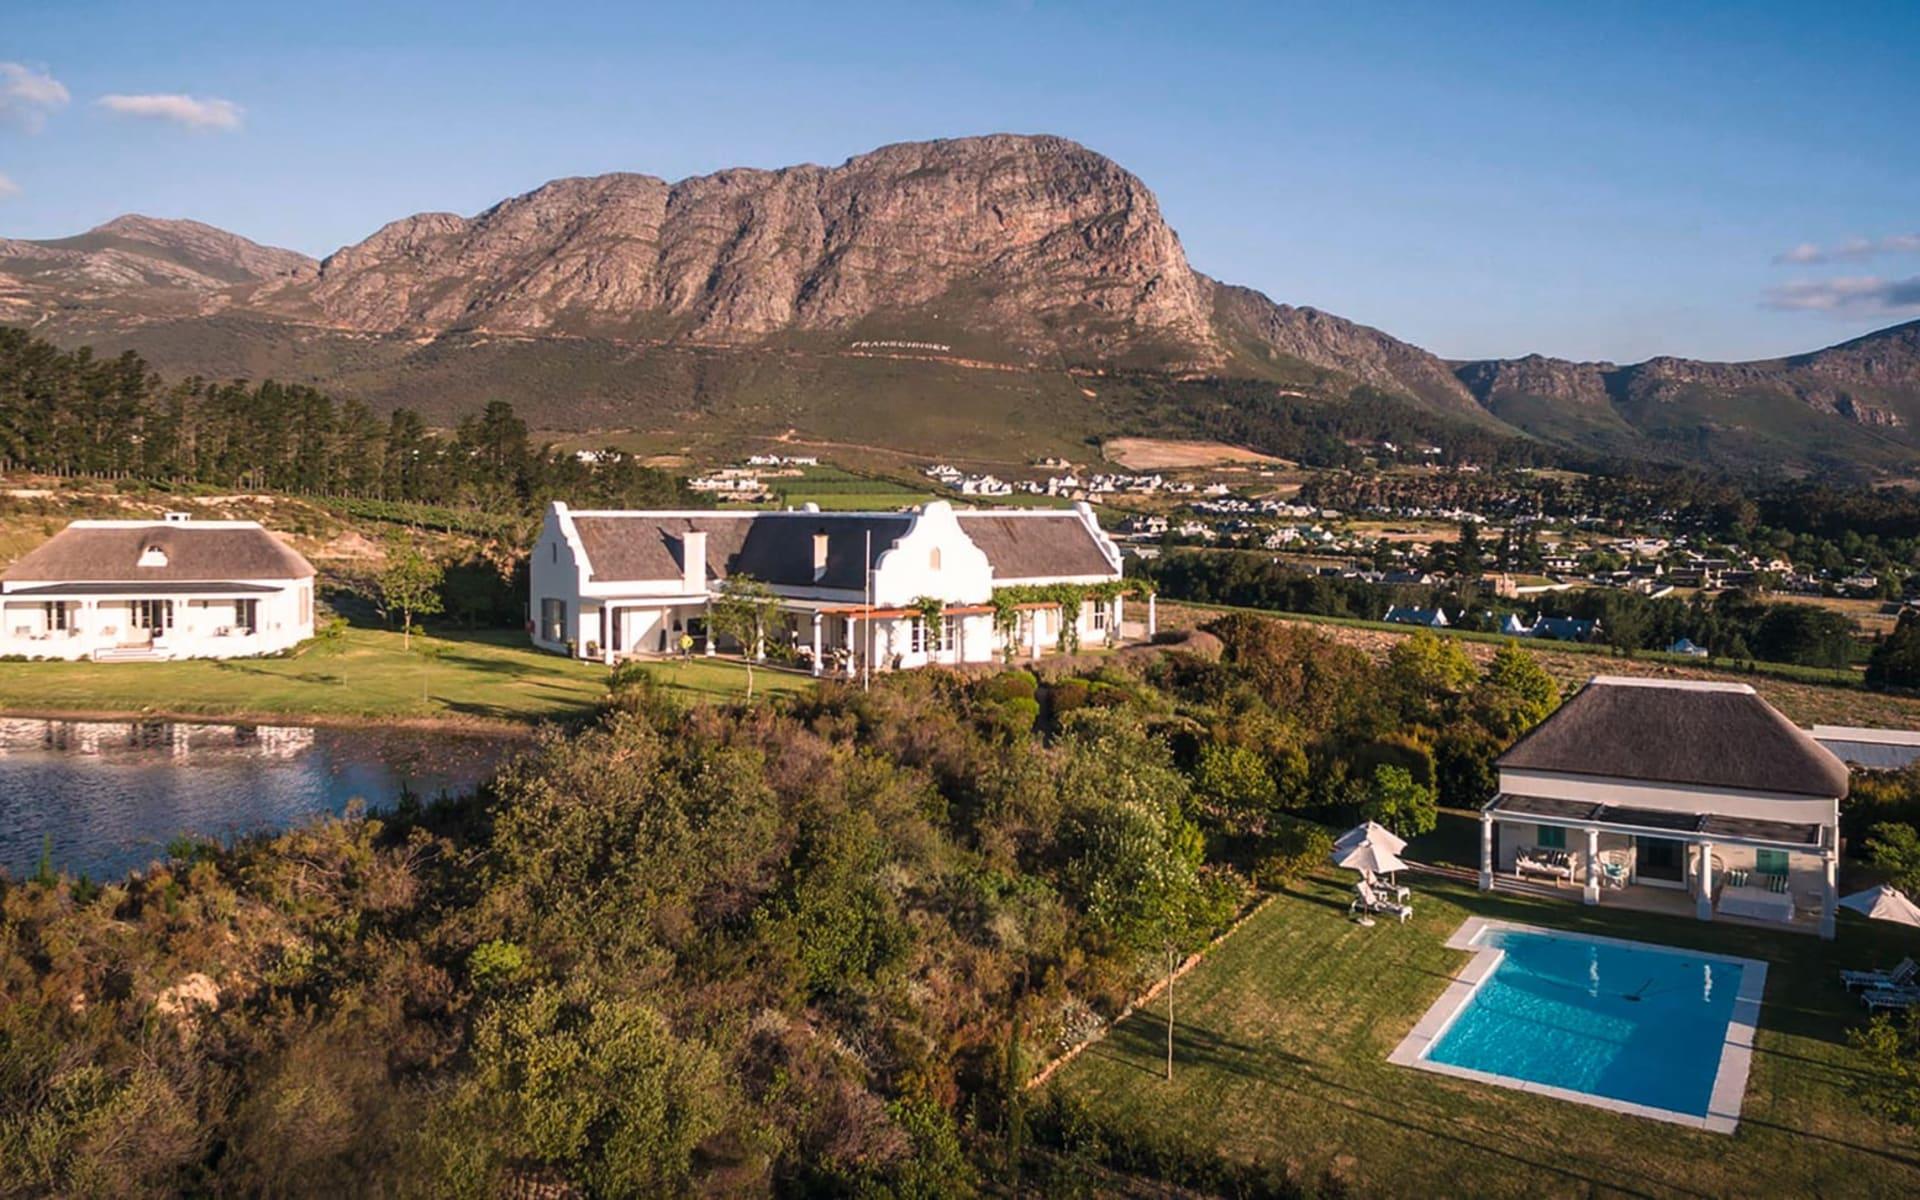 La Cotte Farm in Franschhoek: La Cotte Farm - Aussenansicht mit Lagune